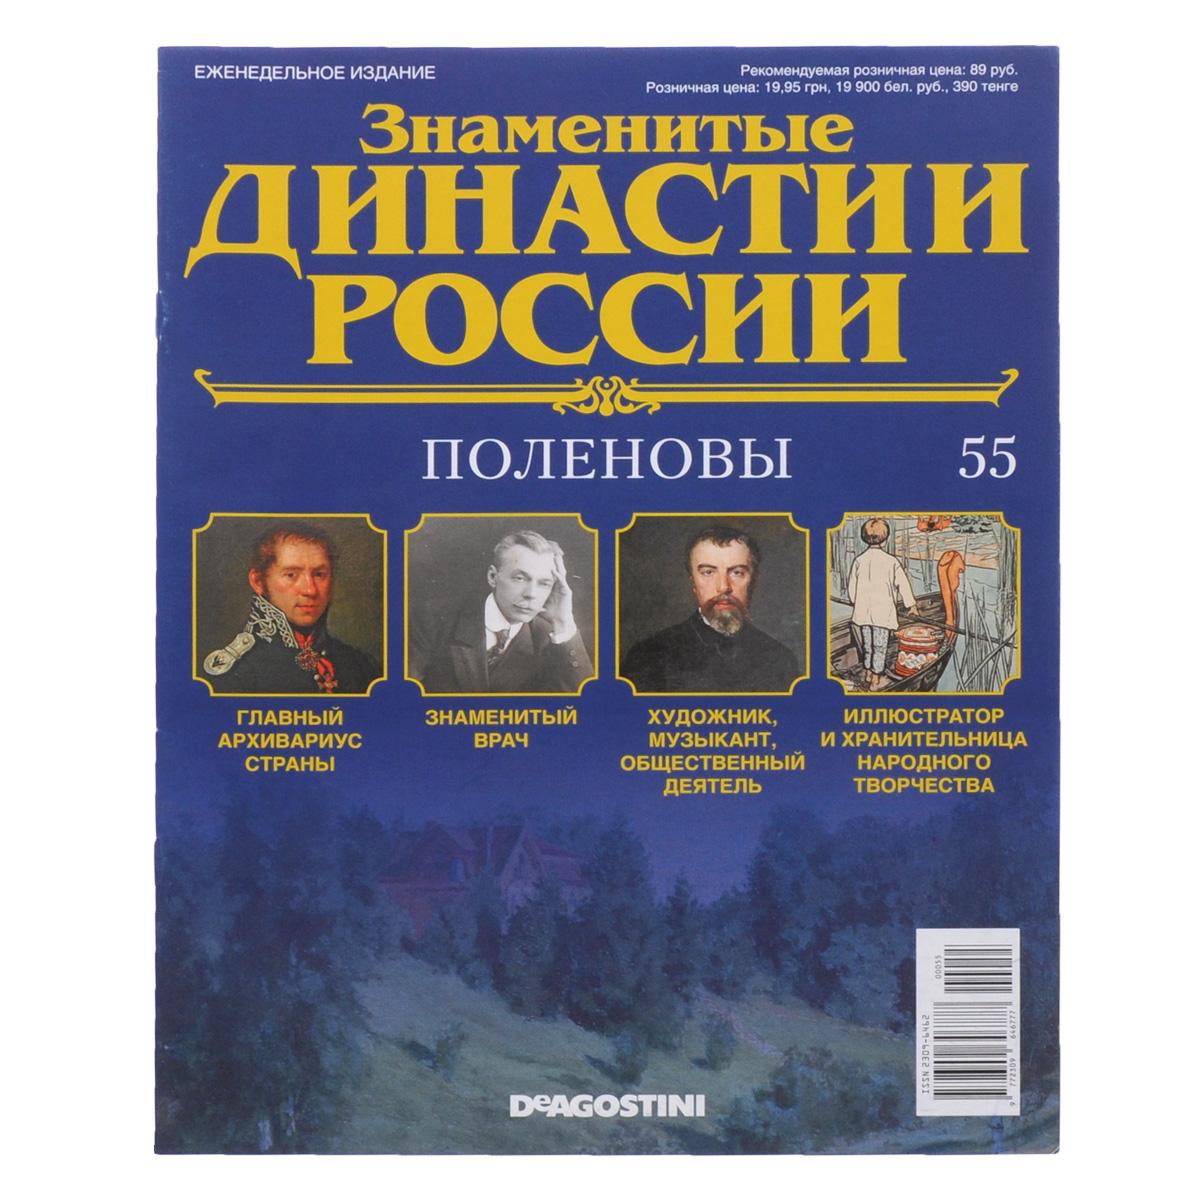 Журнал Знаменитые династии России №055 журнал знаменитые династии россии 85